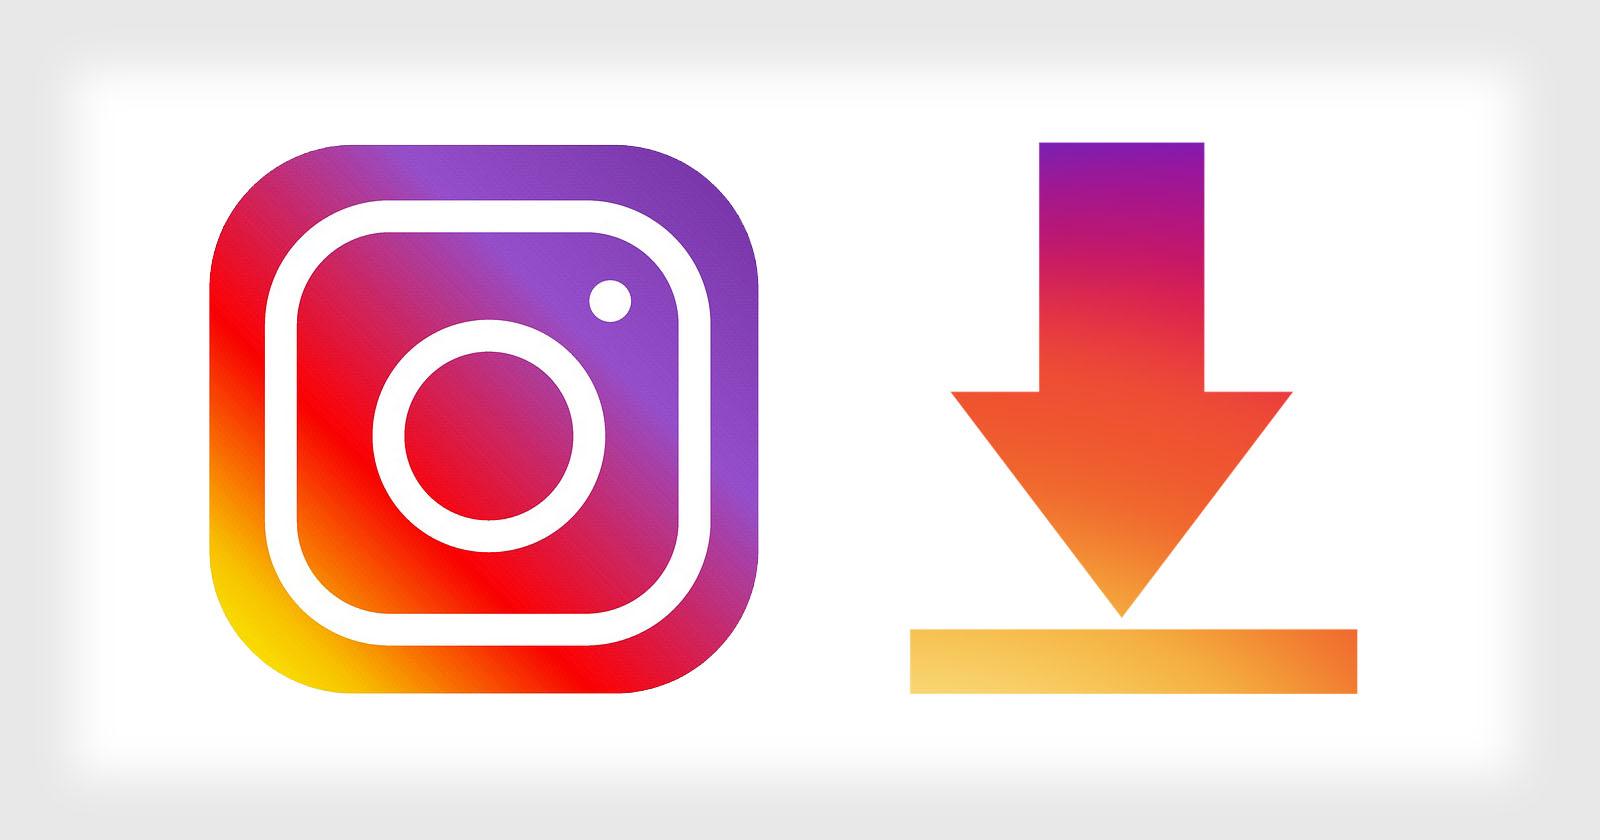 چگونه پست های اینستاگرام را دانلود کنیم